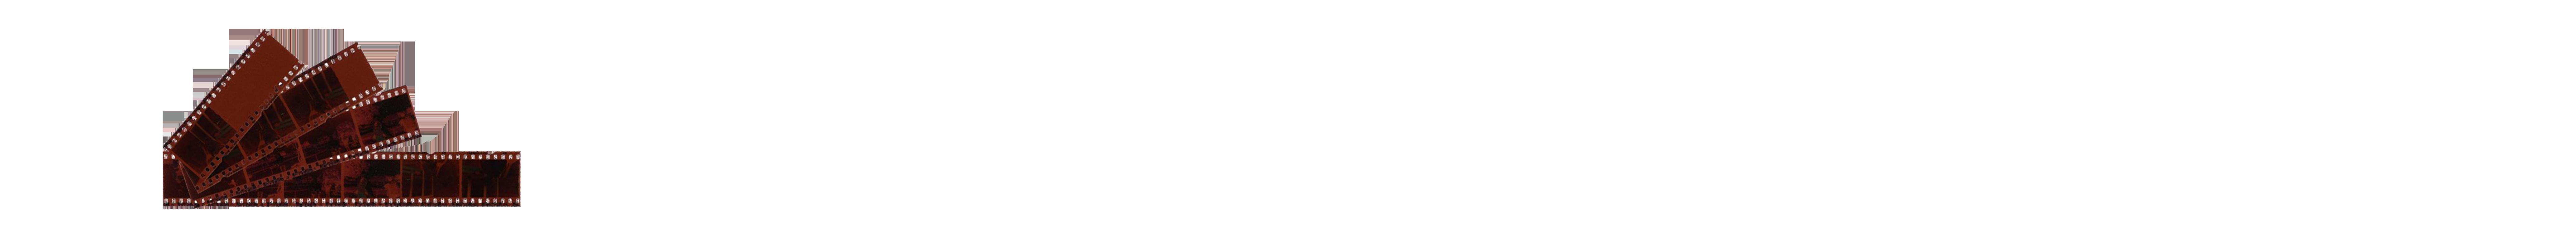 bande-de-negatifs-24x36